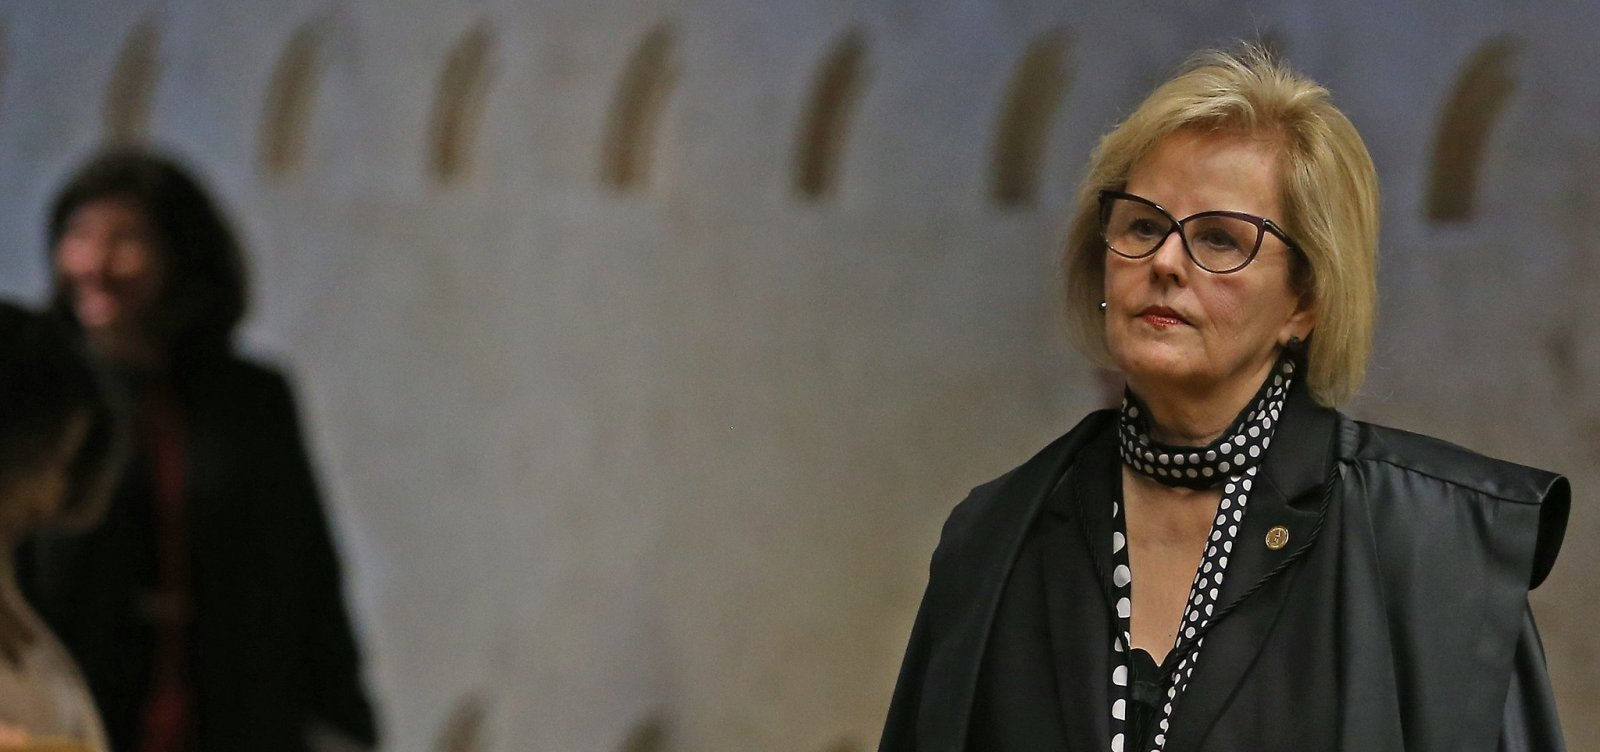 [Rosa Weber defende urnas eletrônicas e volta a pedir 'tolerância' nas eleições]